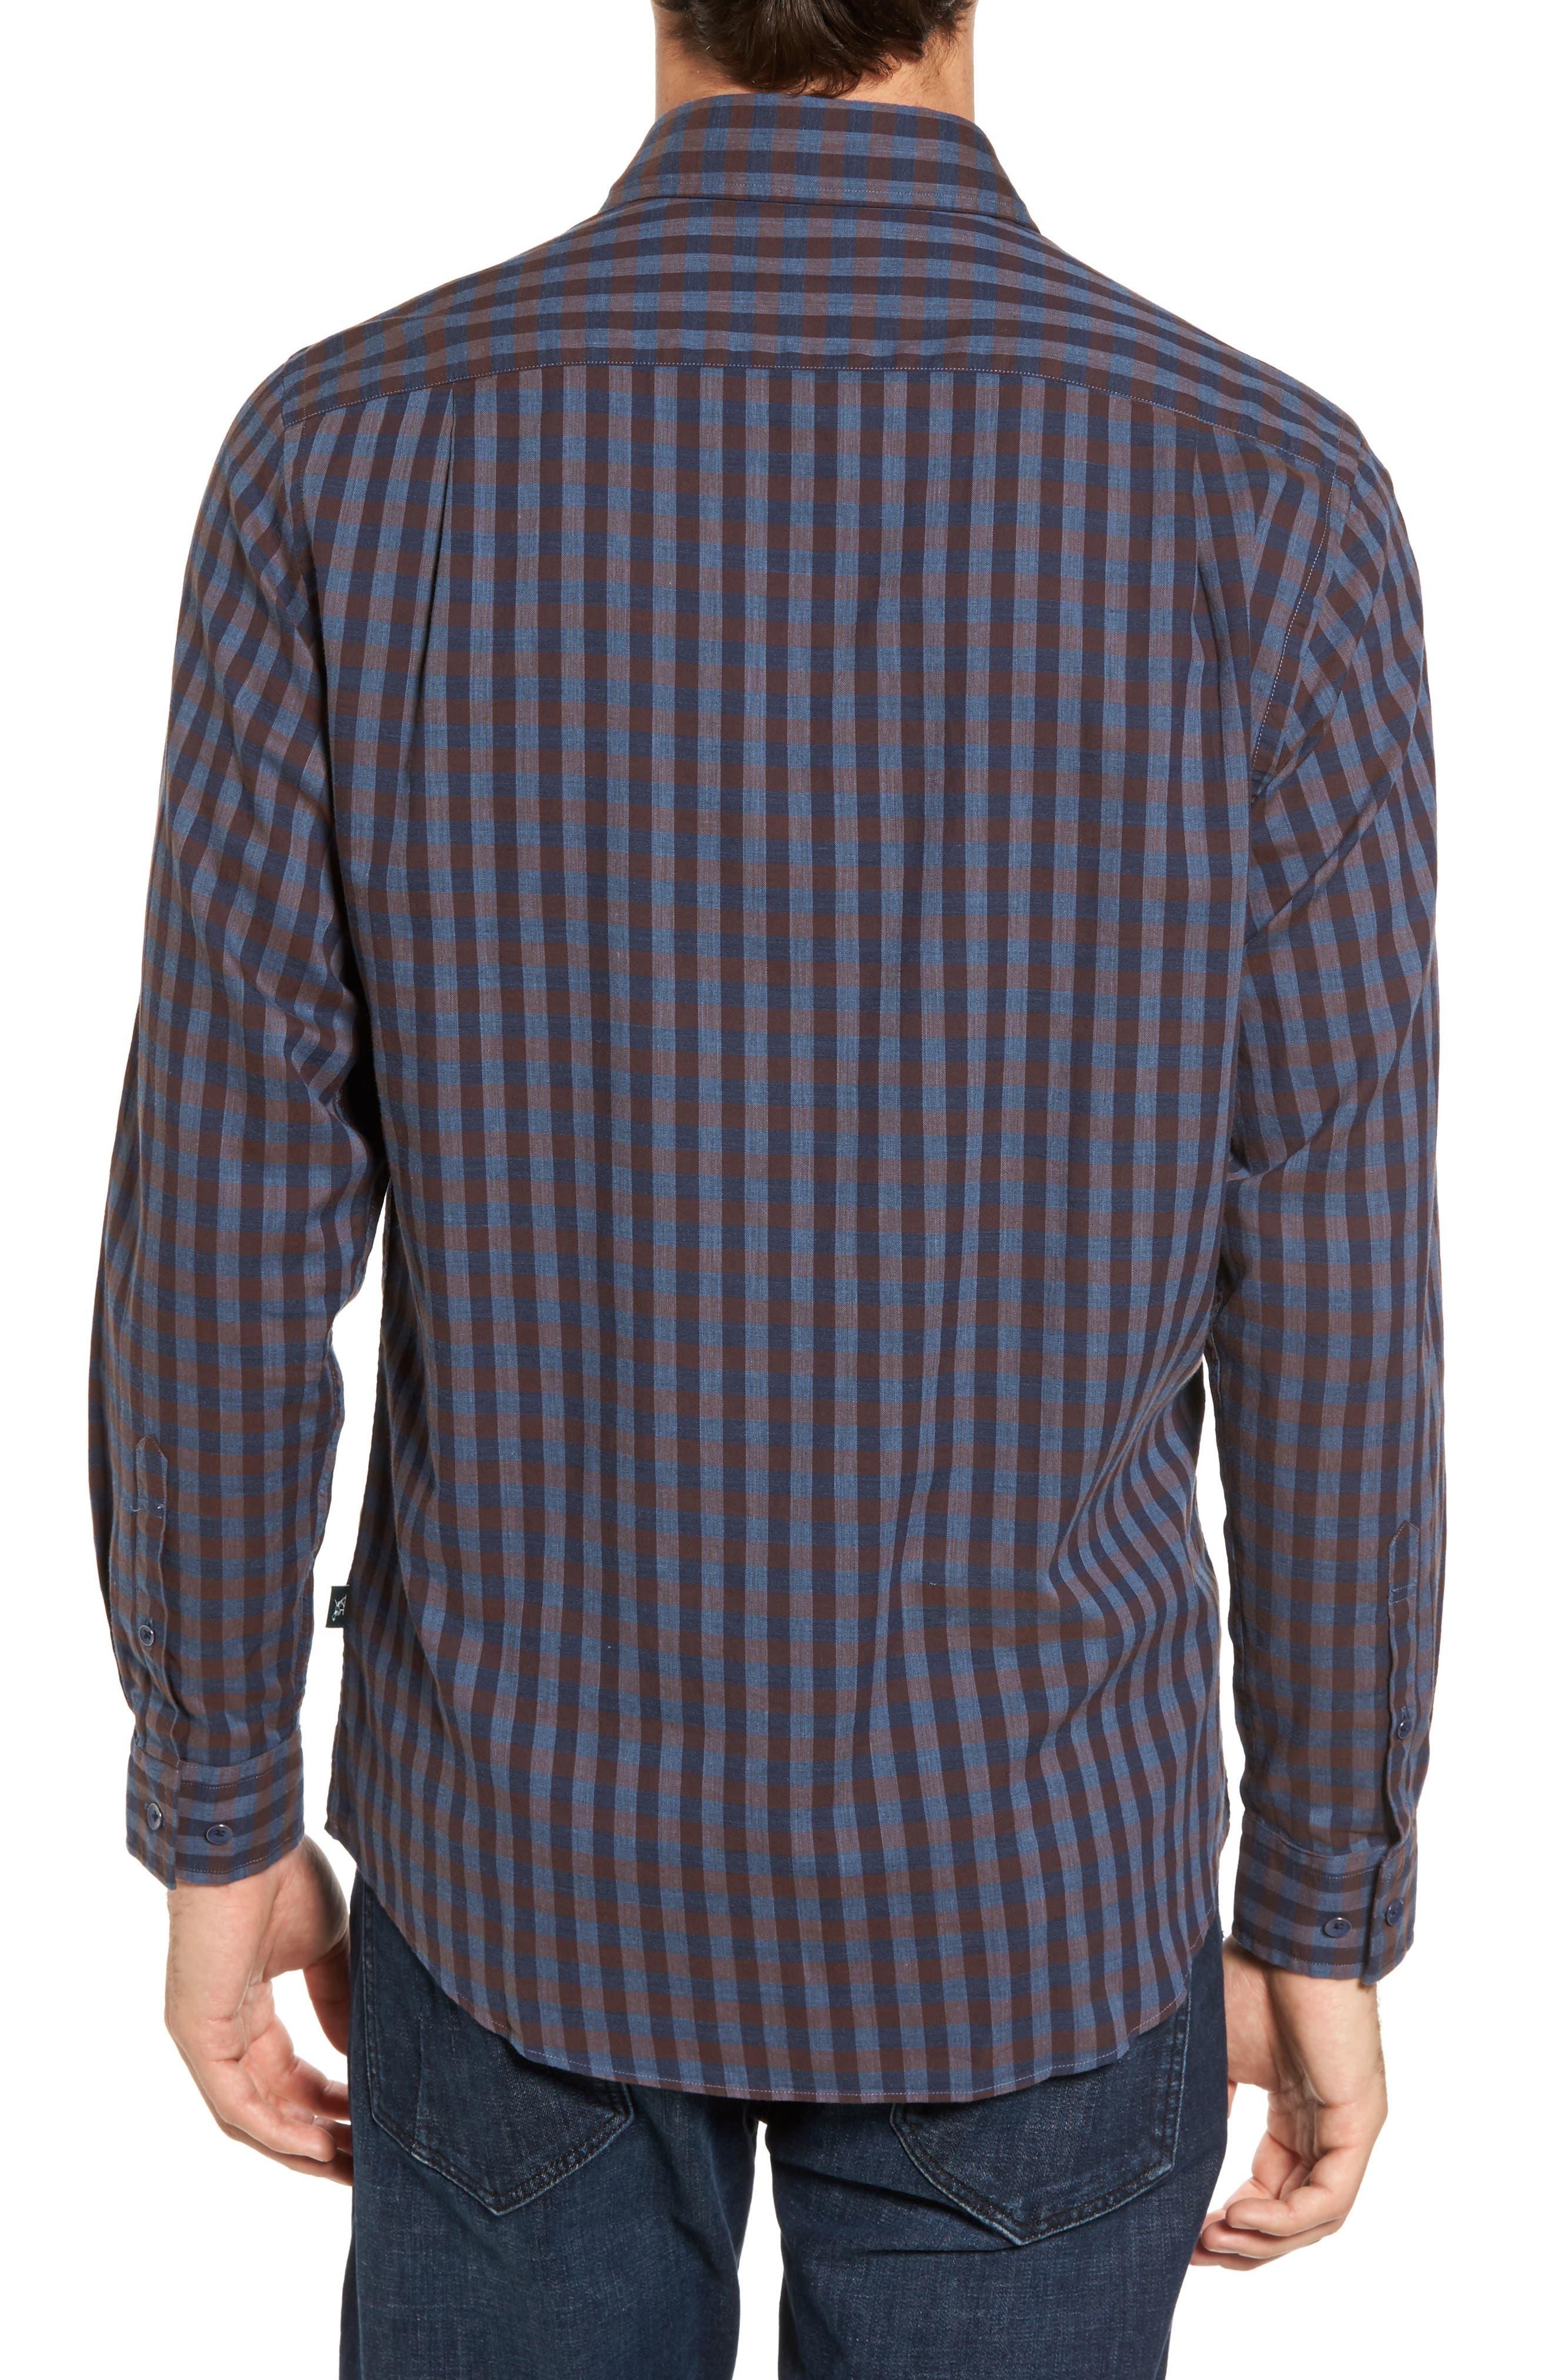 Gisborne Point Check Sport Shirt,                             Alternate thumbnail 2, color,